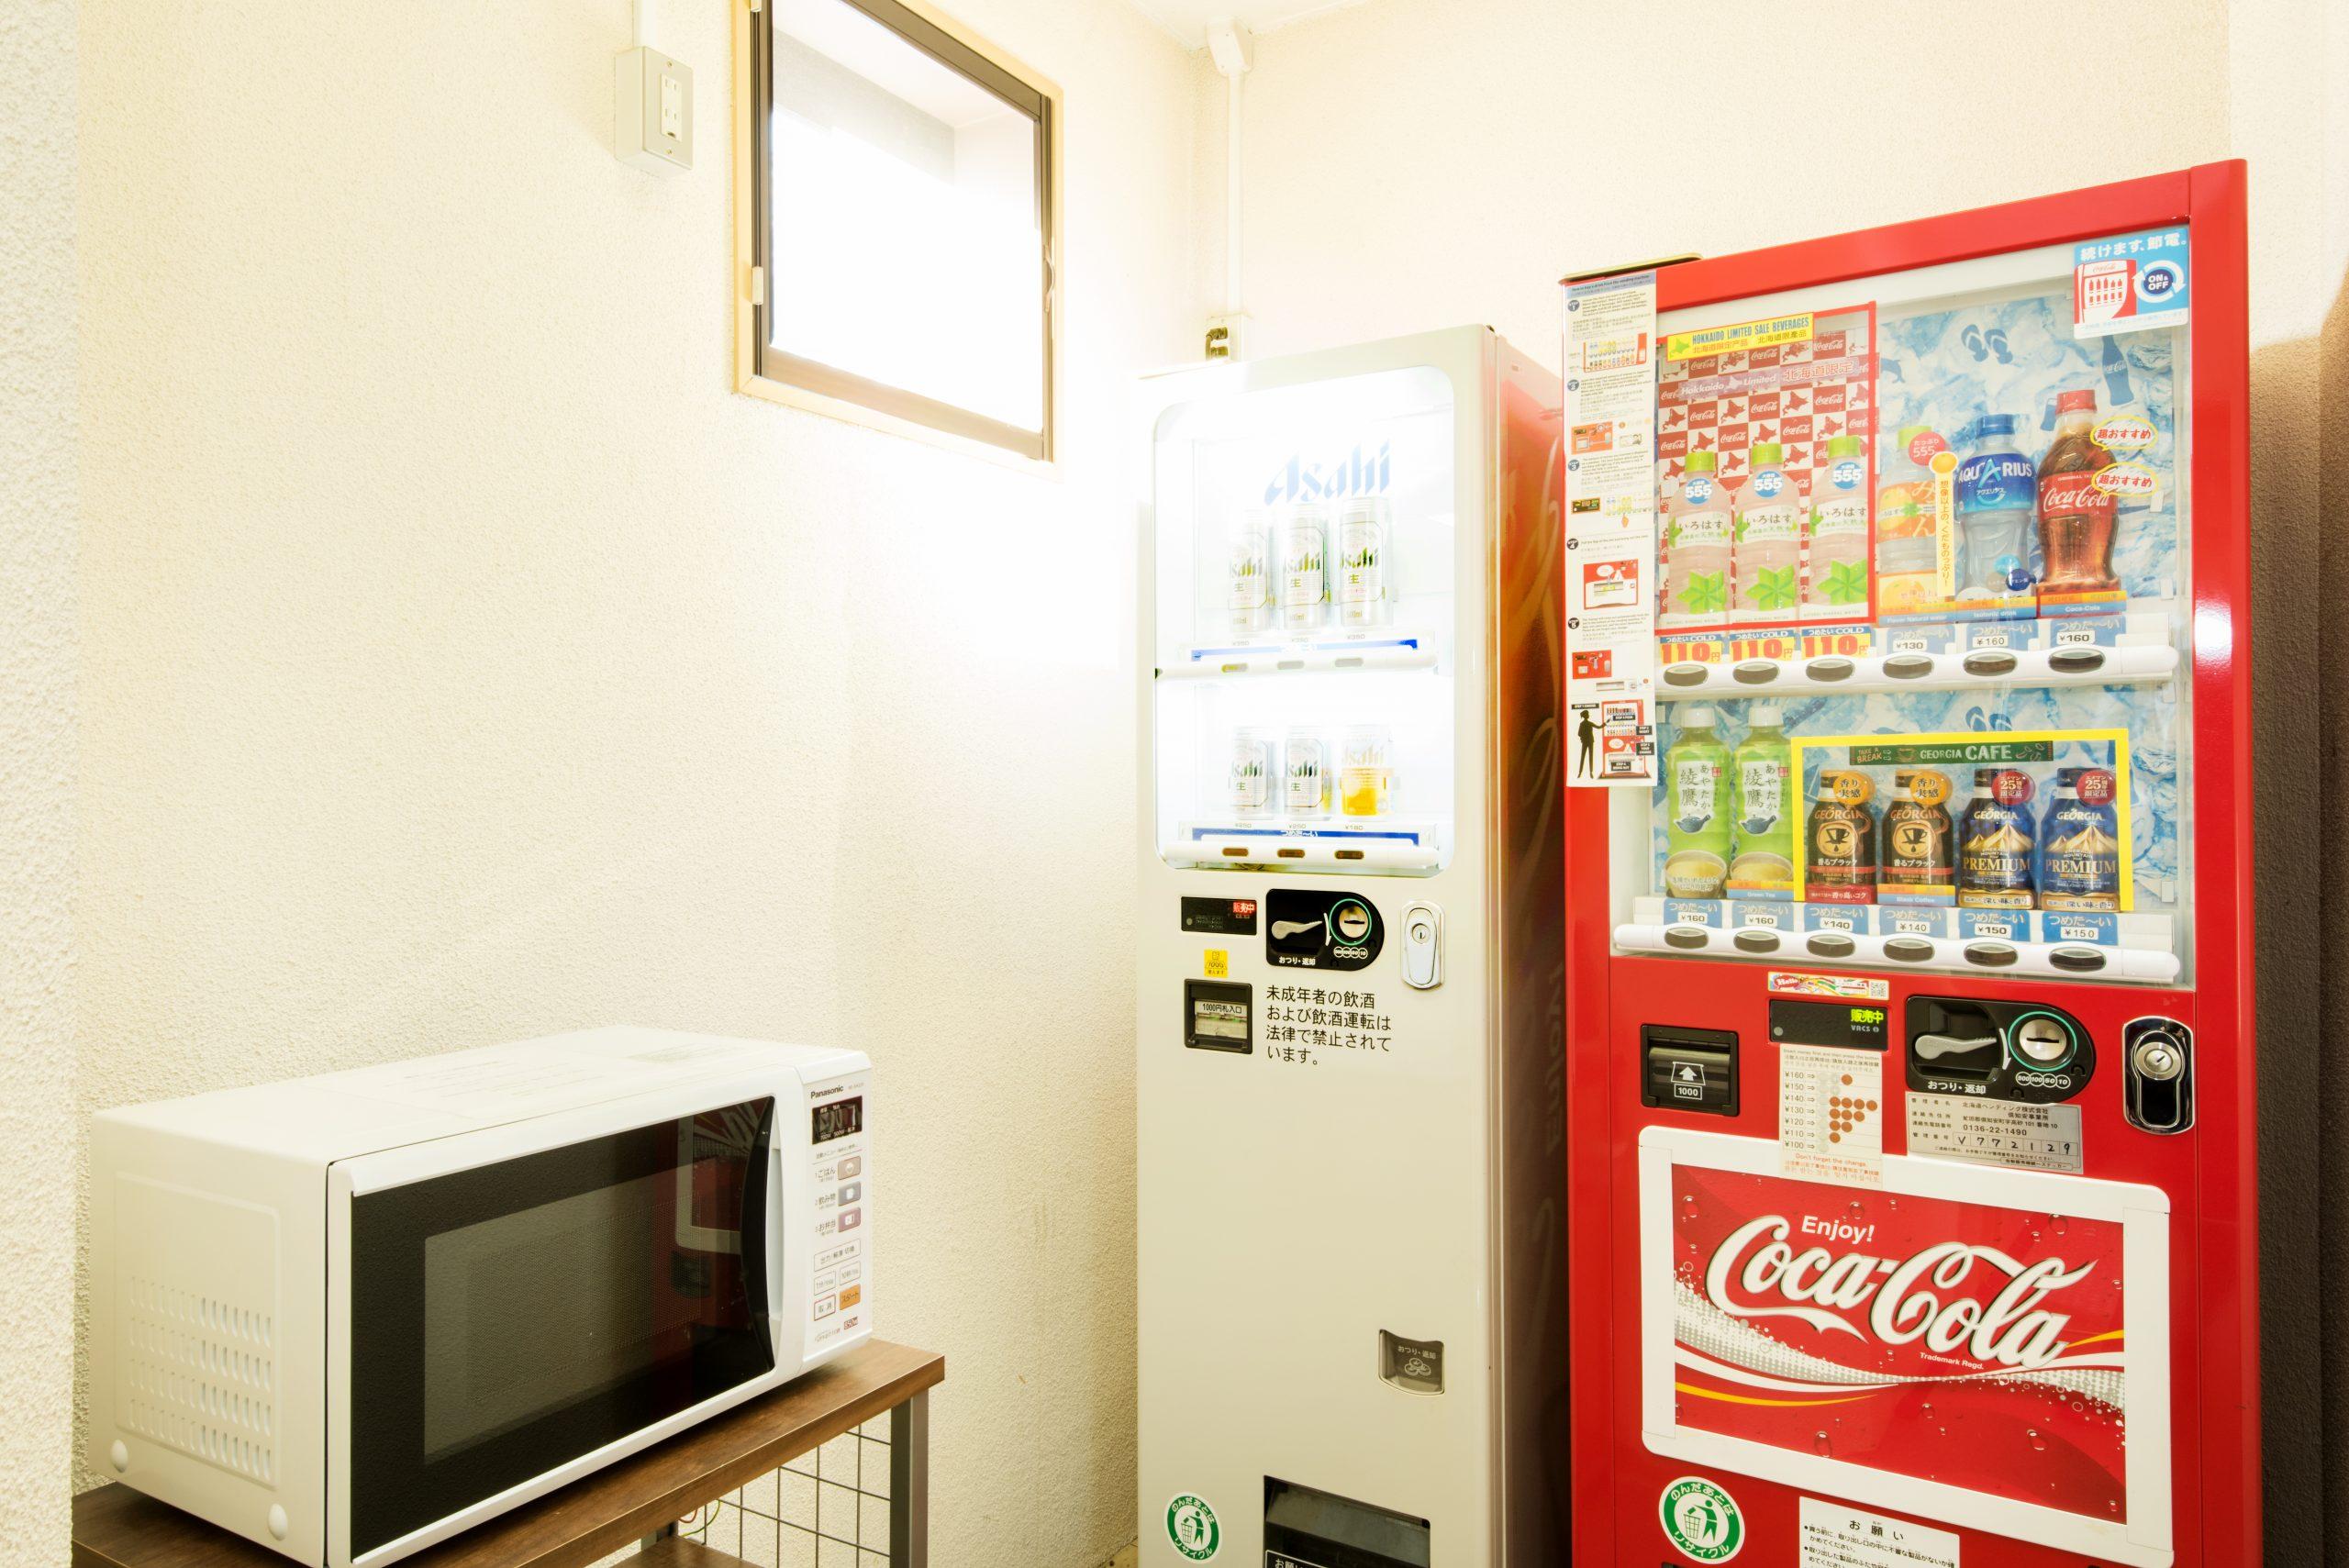 ホテルスリーエム自動販売機ルーム